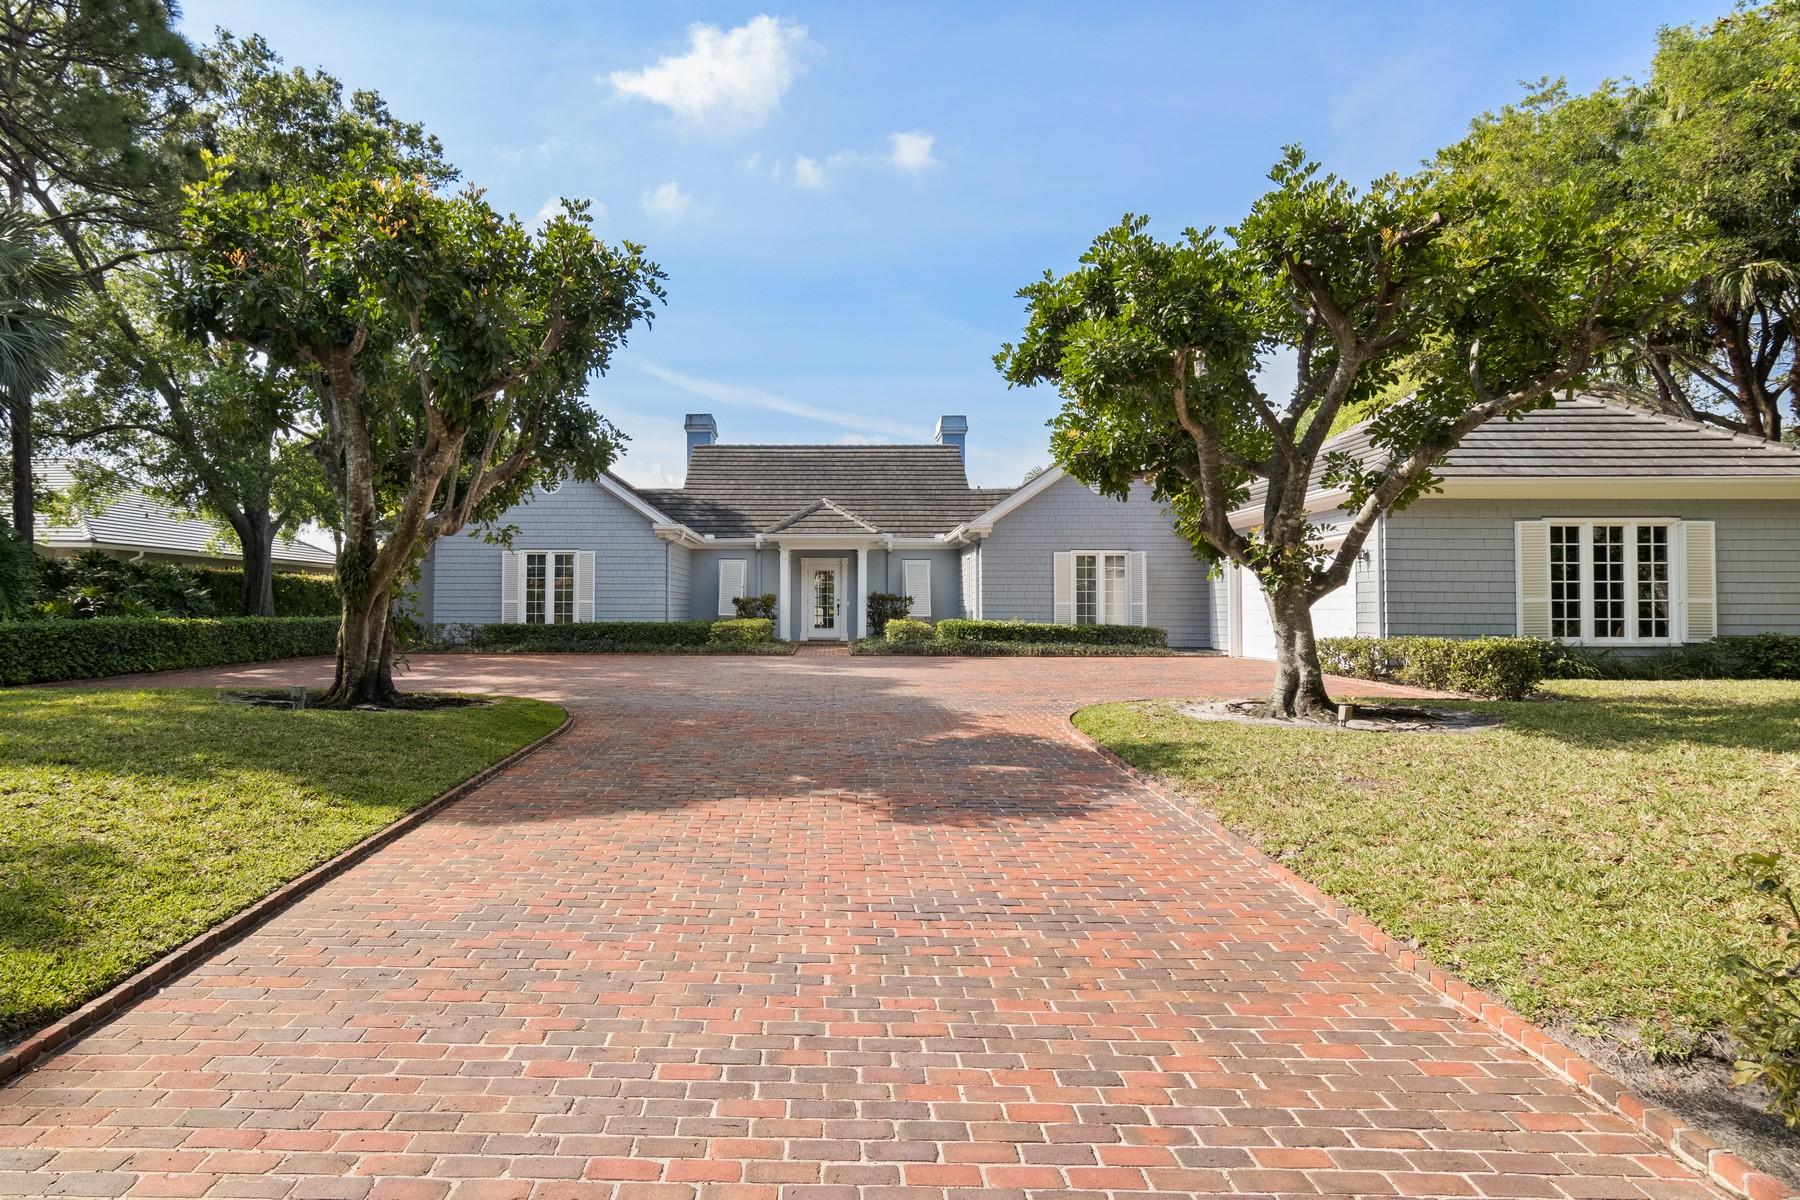 独户住宅 为 销售 在 12880 Marsh Landing Old Marsh Golf Club, 棕榈滩花园, 佛罗里达州, 33418 美国